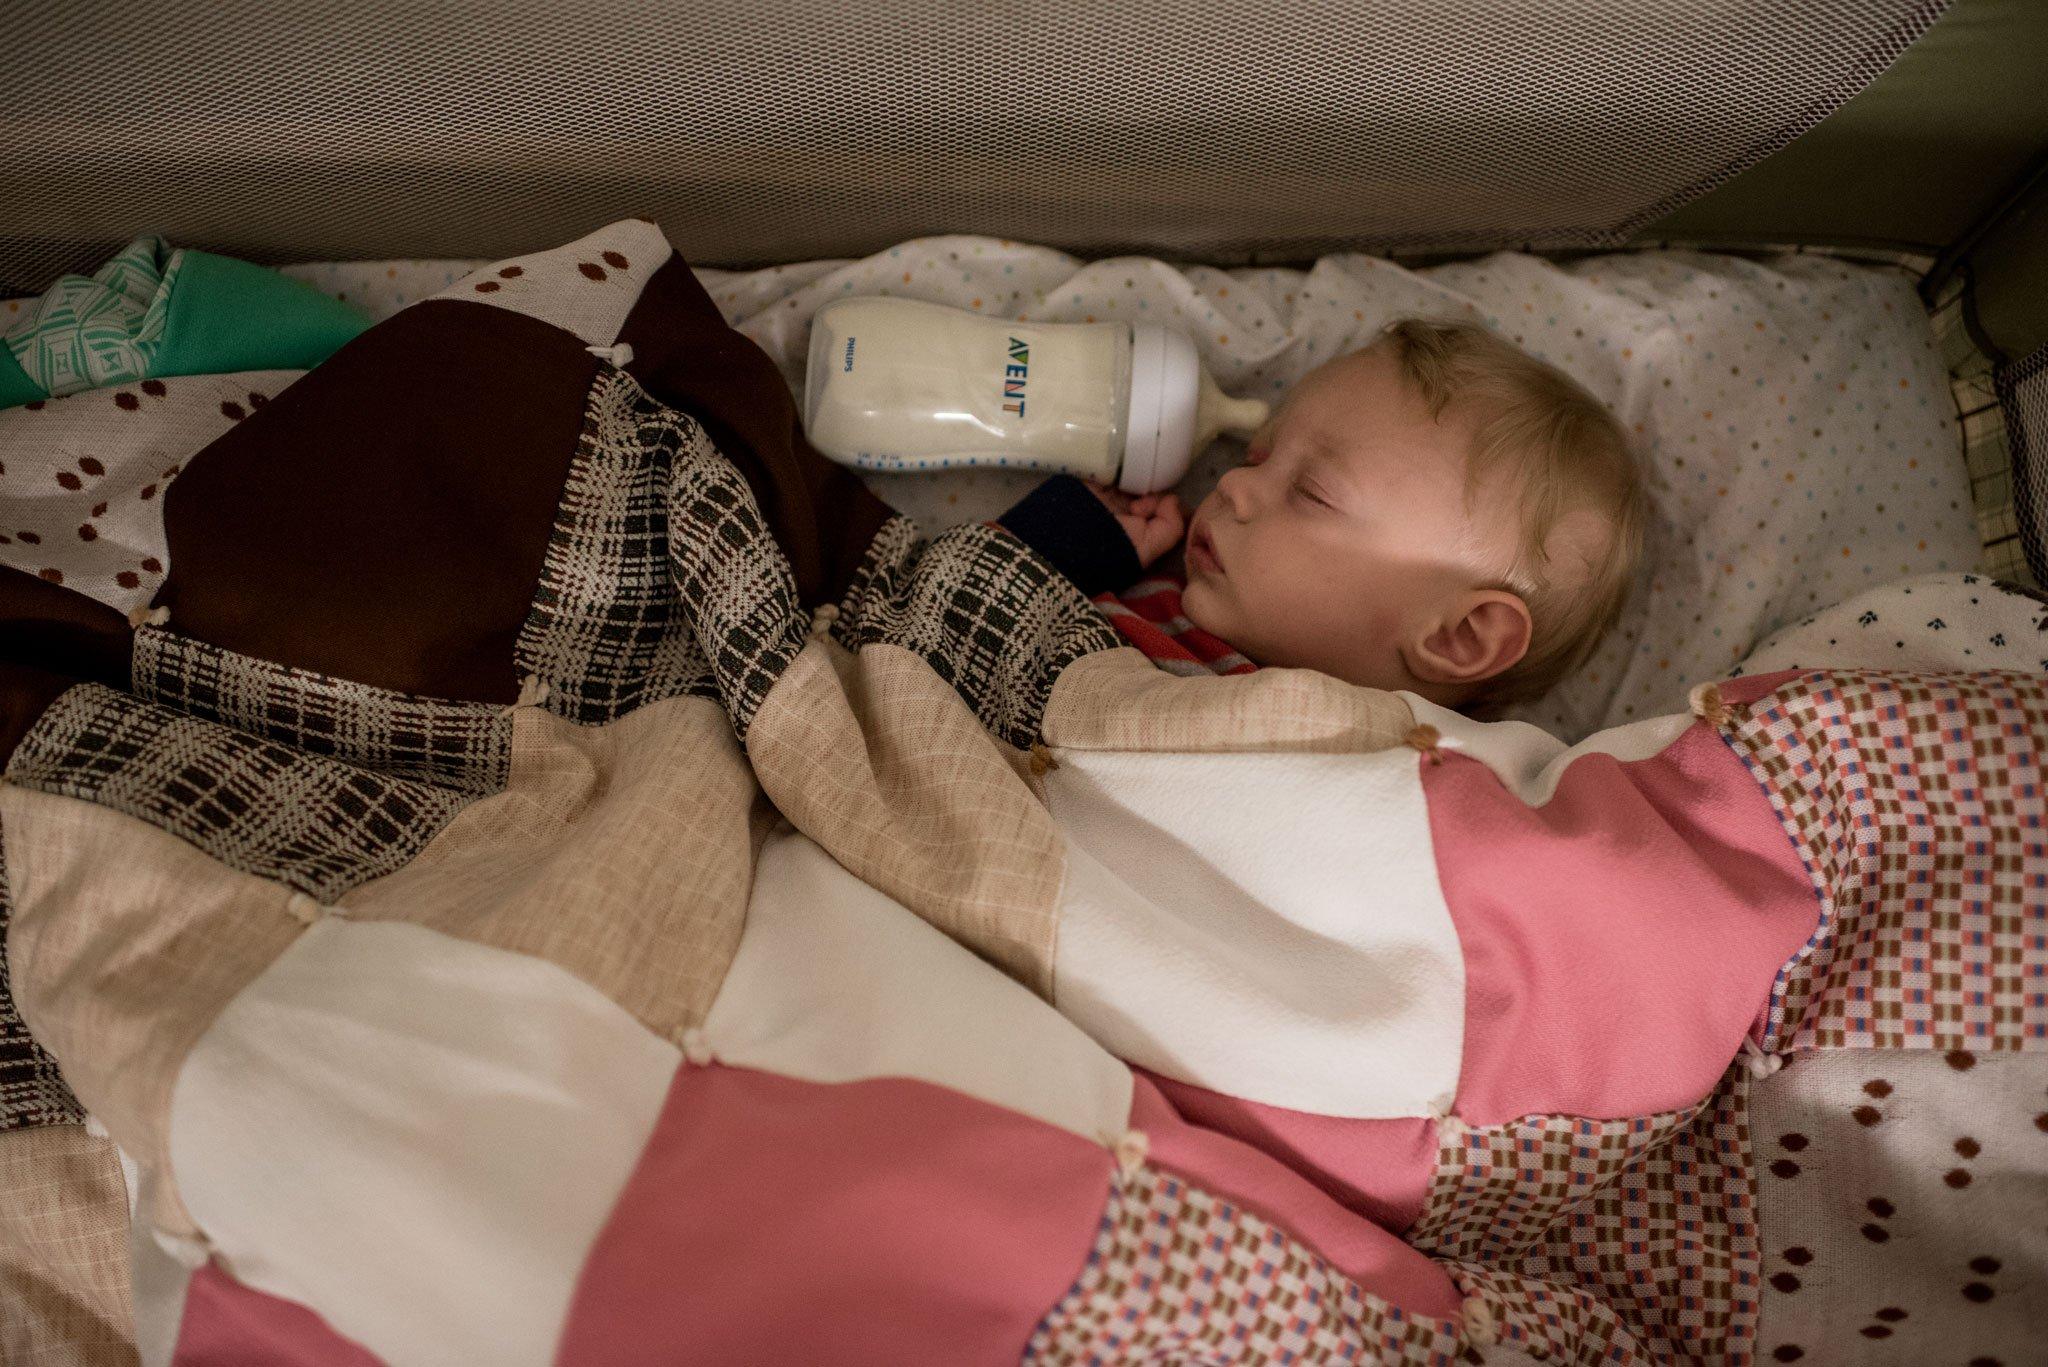 baby falling asleep with bottle